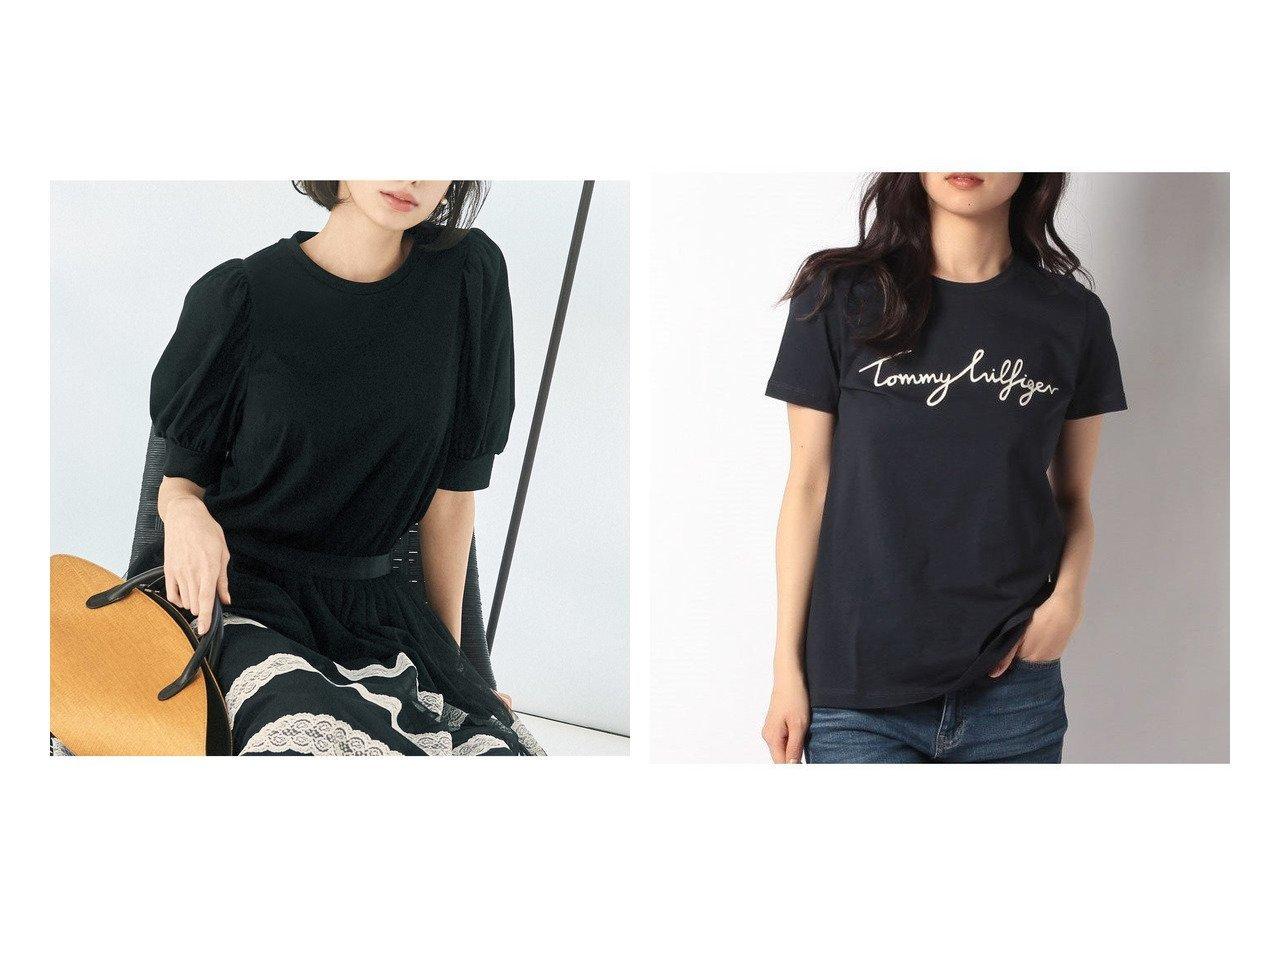 【TOMMY HILFIGER/トミーヒルフィガー】のロゴクルーネックTシャツ&【STRAWBERRY FIELDS/ストロベリーフィールズ】のトルファン天竺 おすすめ!人気トレンド・レディースファッション通販 おすすめで人気の流行・トレンド、ファッションの通販商品 インテリア・家具・メンズファッション・キッズファッション・レディースファッション・服の通販 founy(ファニー) https://founy.com/ ファッション Fashion レディースファッション WOMEN トップス・カットソー Tops/Tshirt シャツ/ブラウス Shirts/Blouses ロング / Tシャツ T-Shirts カットソー Cut and Sewn おすすめ Recommend エレガント ジャケット バランス フェミニン 今季 半袖 NEW・新作・新着・新入荷 New Arrivals なめらか カットソー シンプル スリーブ 無地 |ID:crp329100000053286